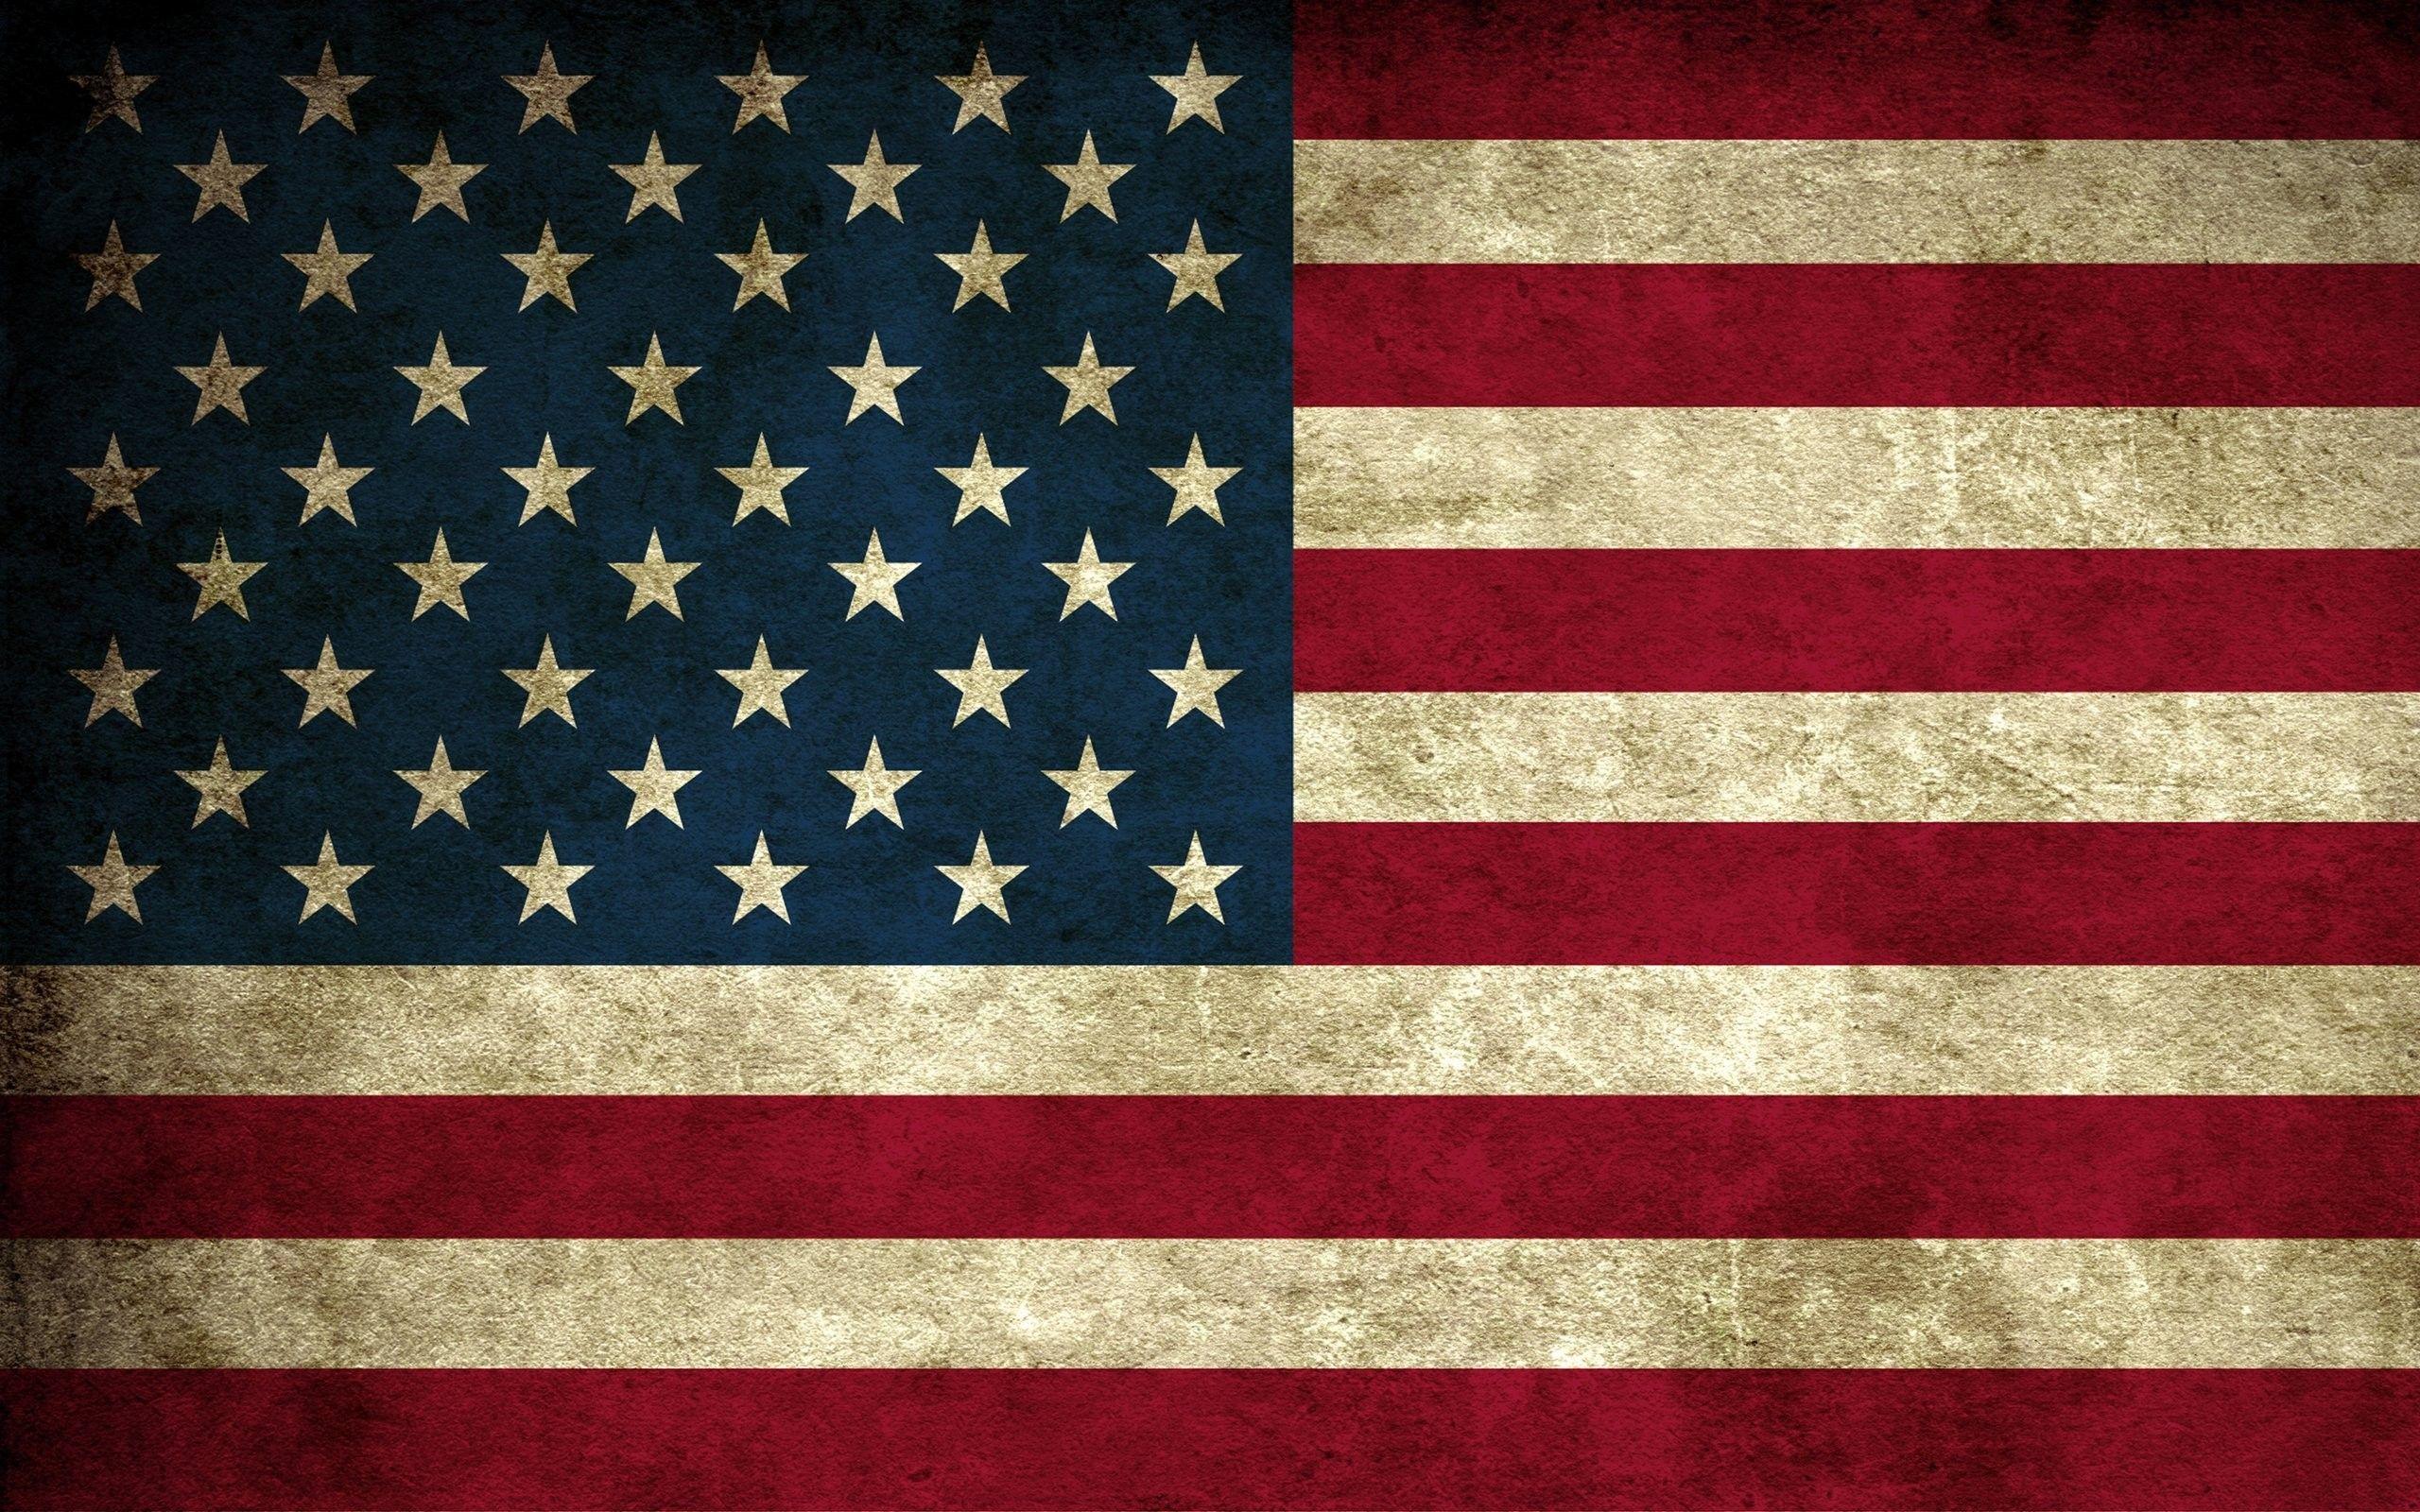 Estados Unidos Bandera De Usa Bandera De Estados Unidos Bandera De Estados Unidos De America